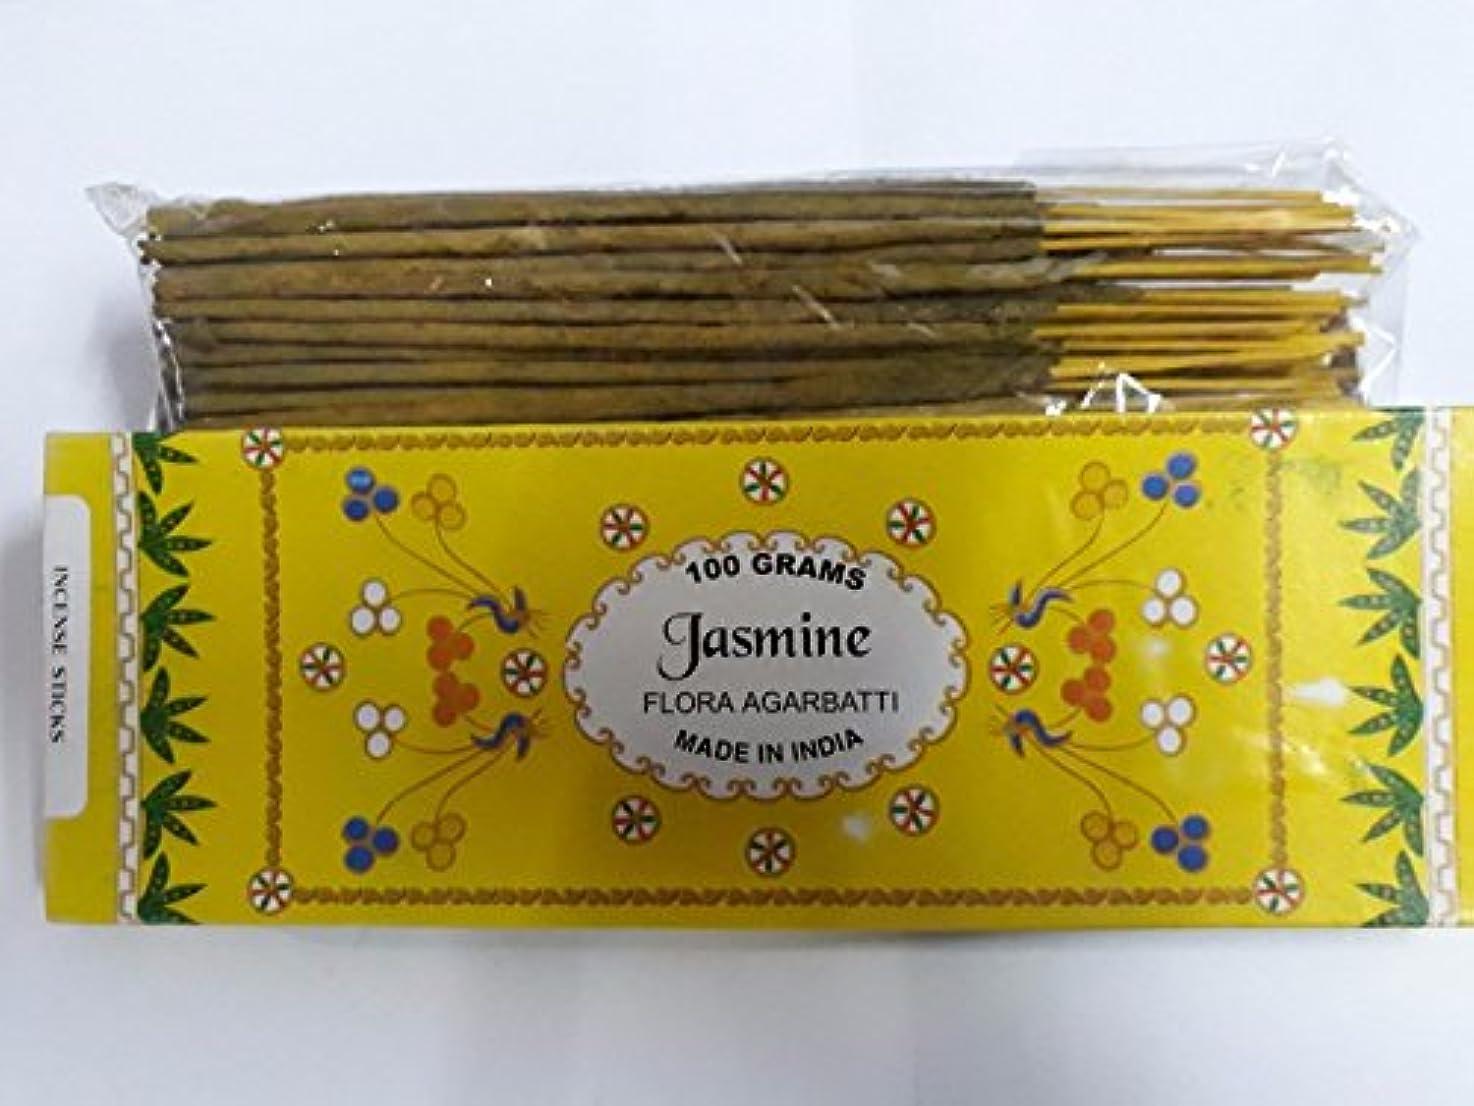 倍率少なくともいたずらなJasmine/ジャスミン Agarbatti Incense Sticks 線香 100 grams Flora Incense フローラの香 Agarbatti